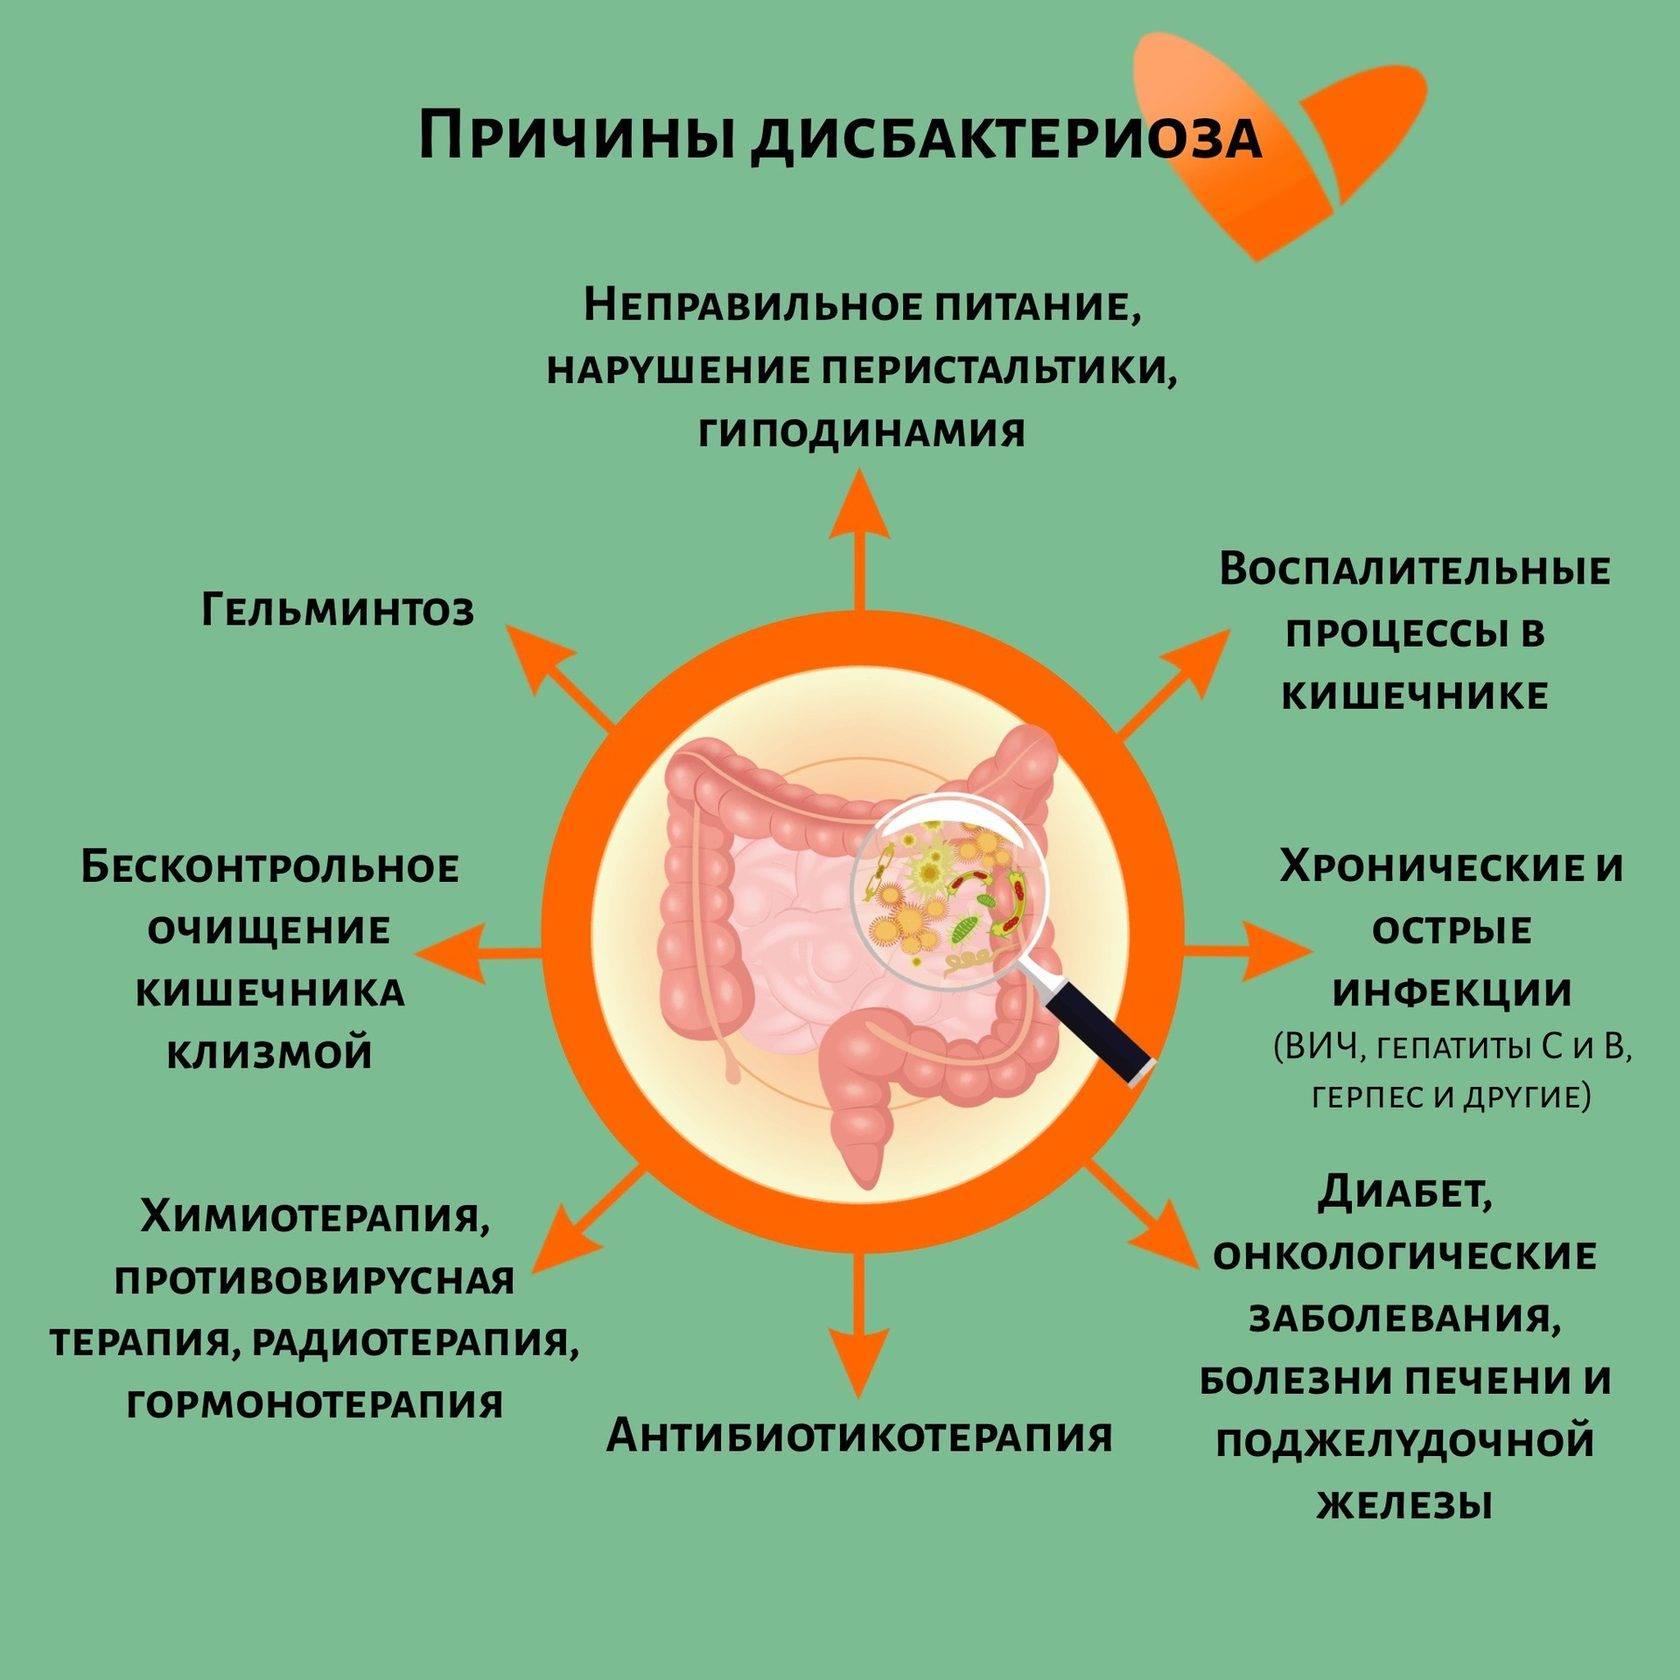 Дисбактериоз у кошек — причины, лечение и последствия